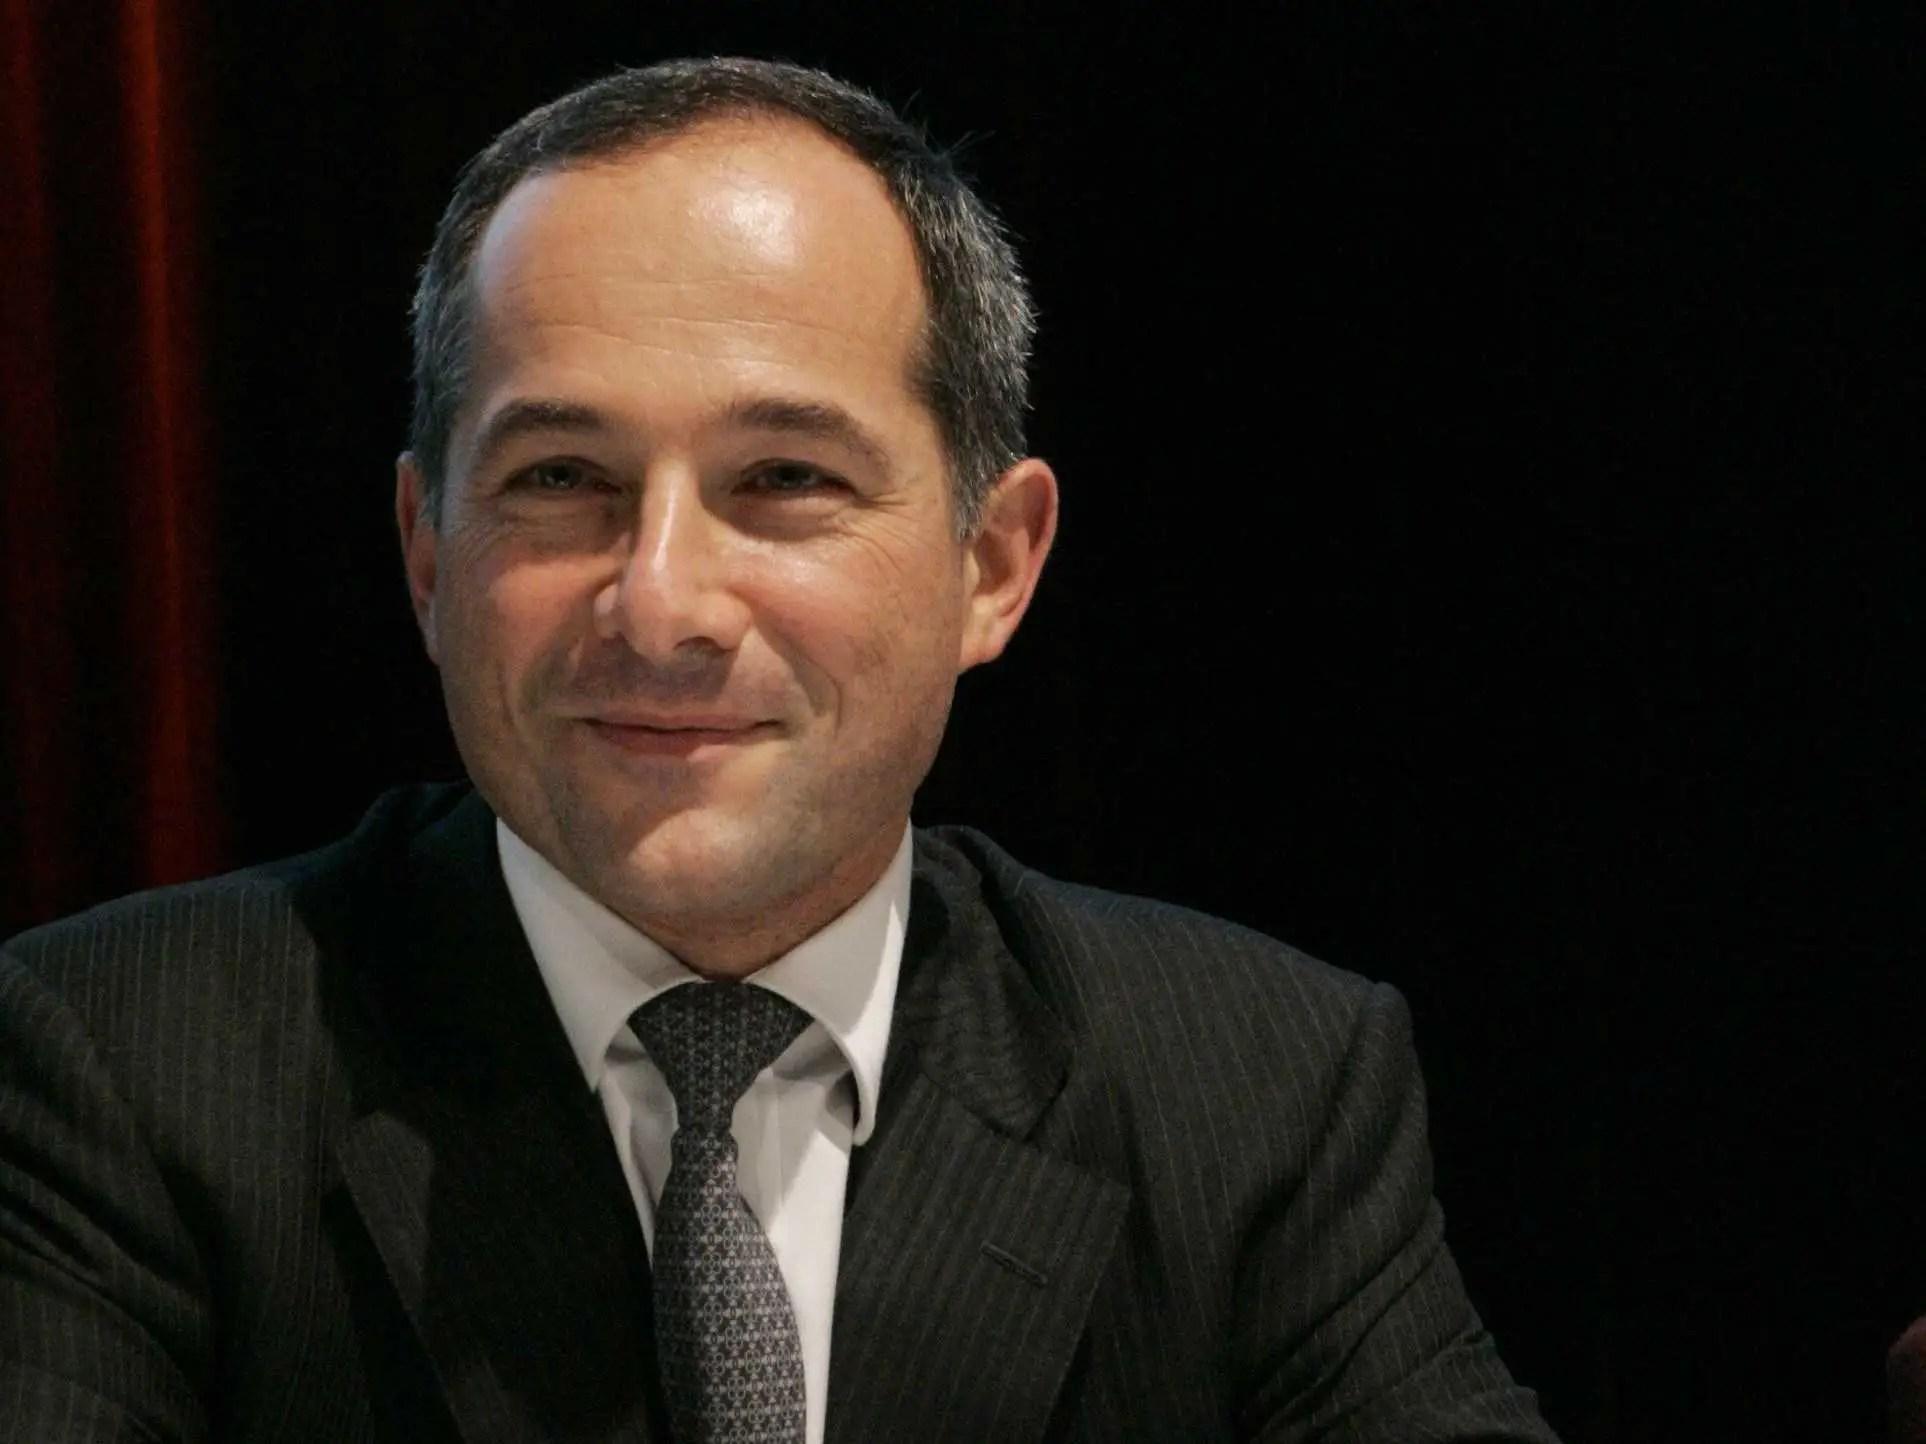 #4 Frederic Oudéa